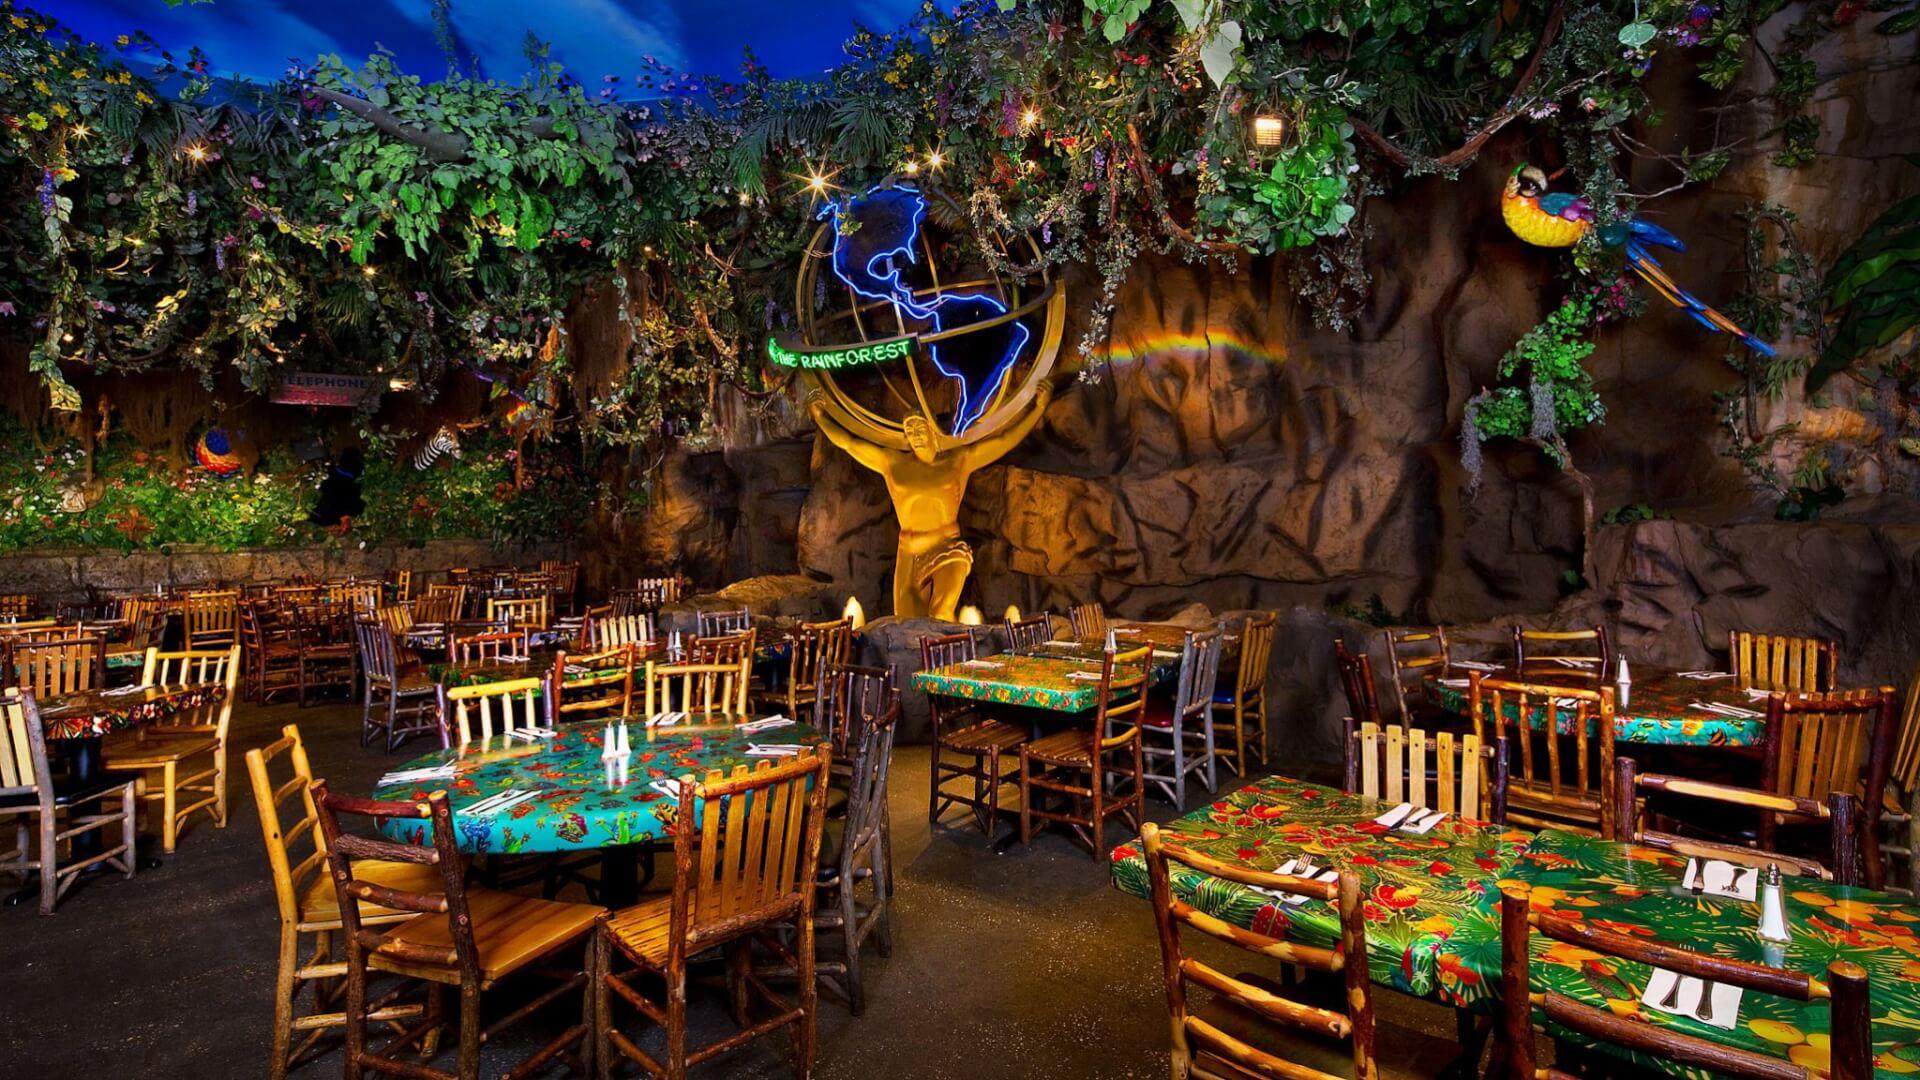 parking for rainforest cafe